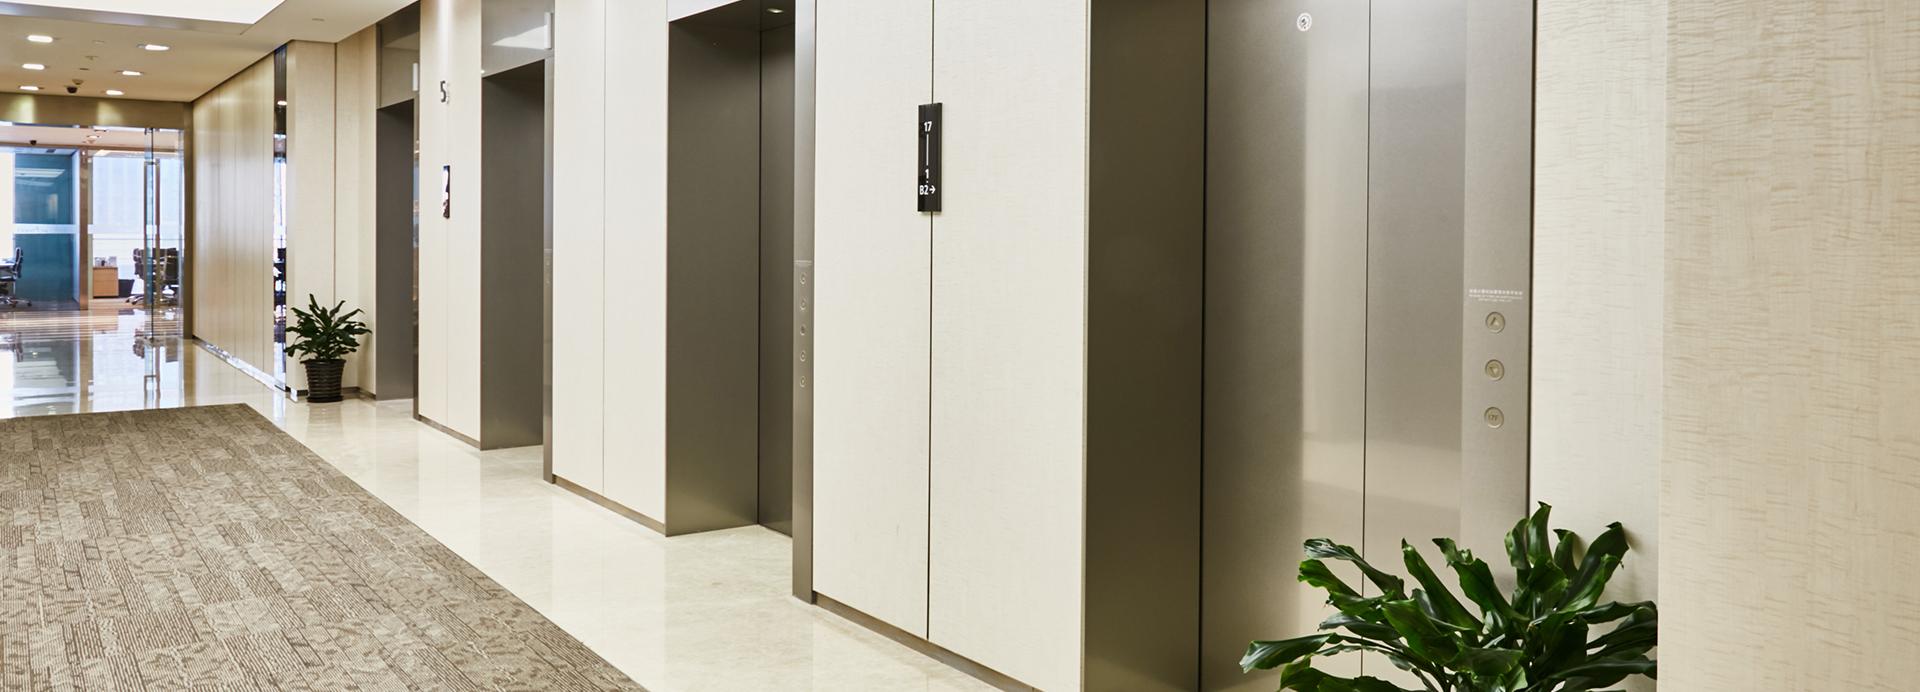 电梯配件公司简介